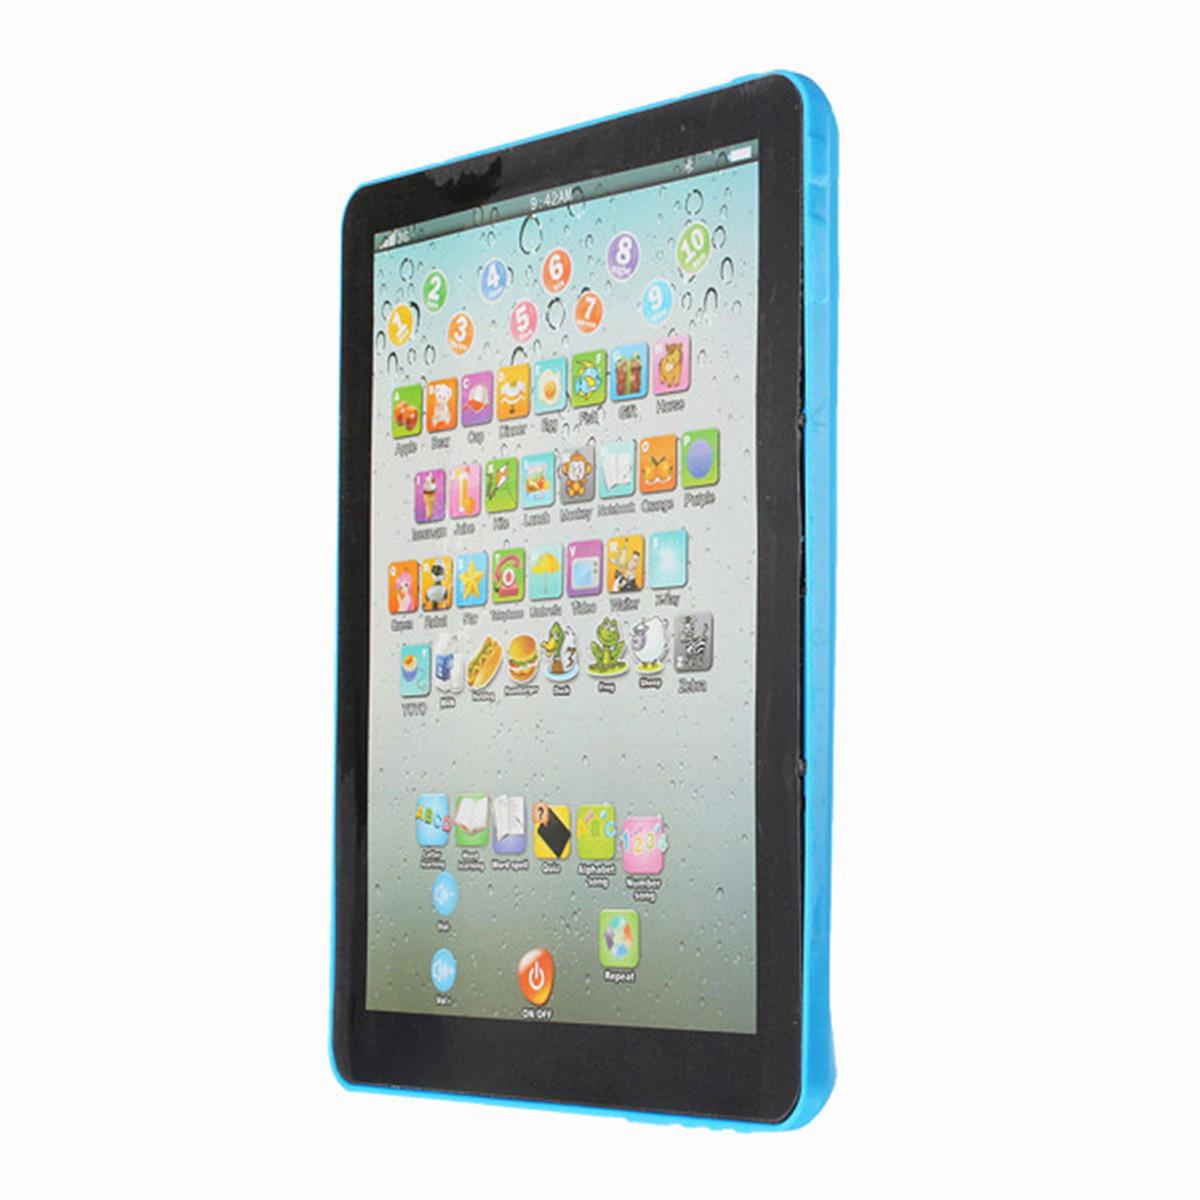 Tablette tactile pad enfant bebe jouet educative - Tablette tactile enfant leclerc ...